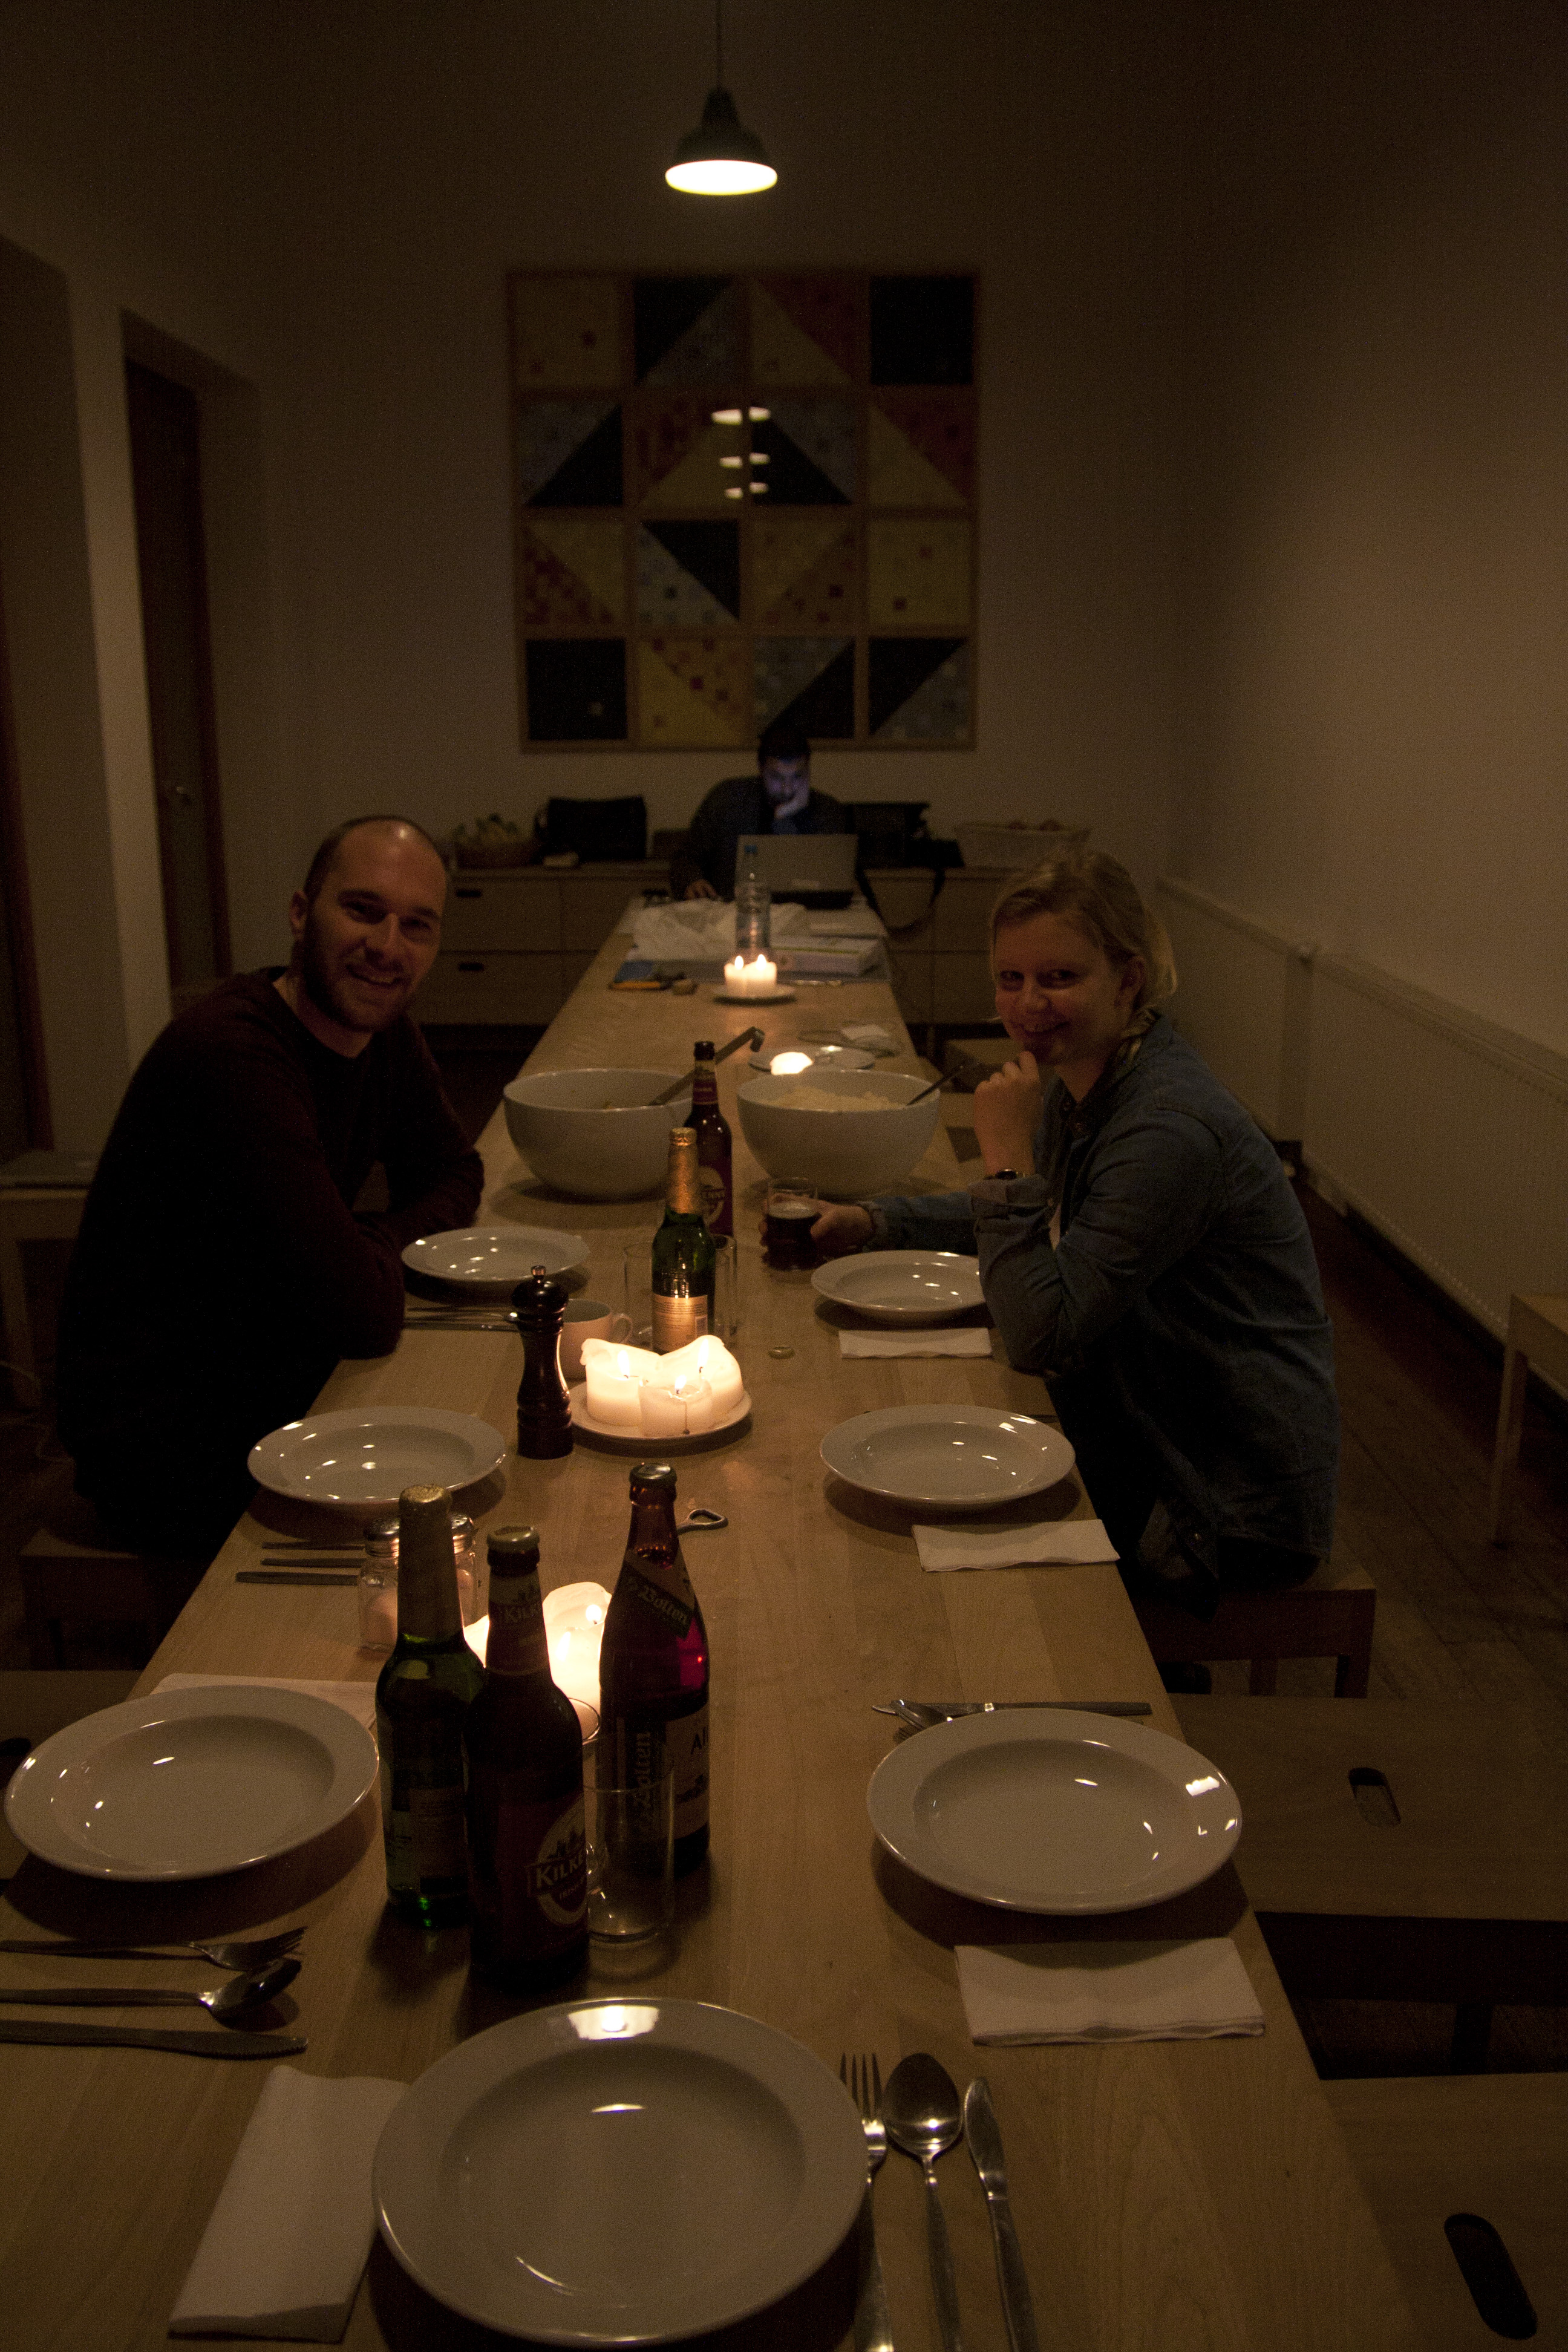 Studenten warten am großen Esstisch des offenen Klosters von Erwin Heerich auf das bevorstehende Abendessen.